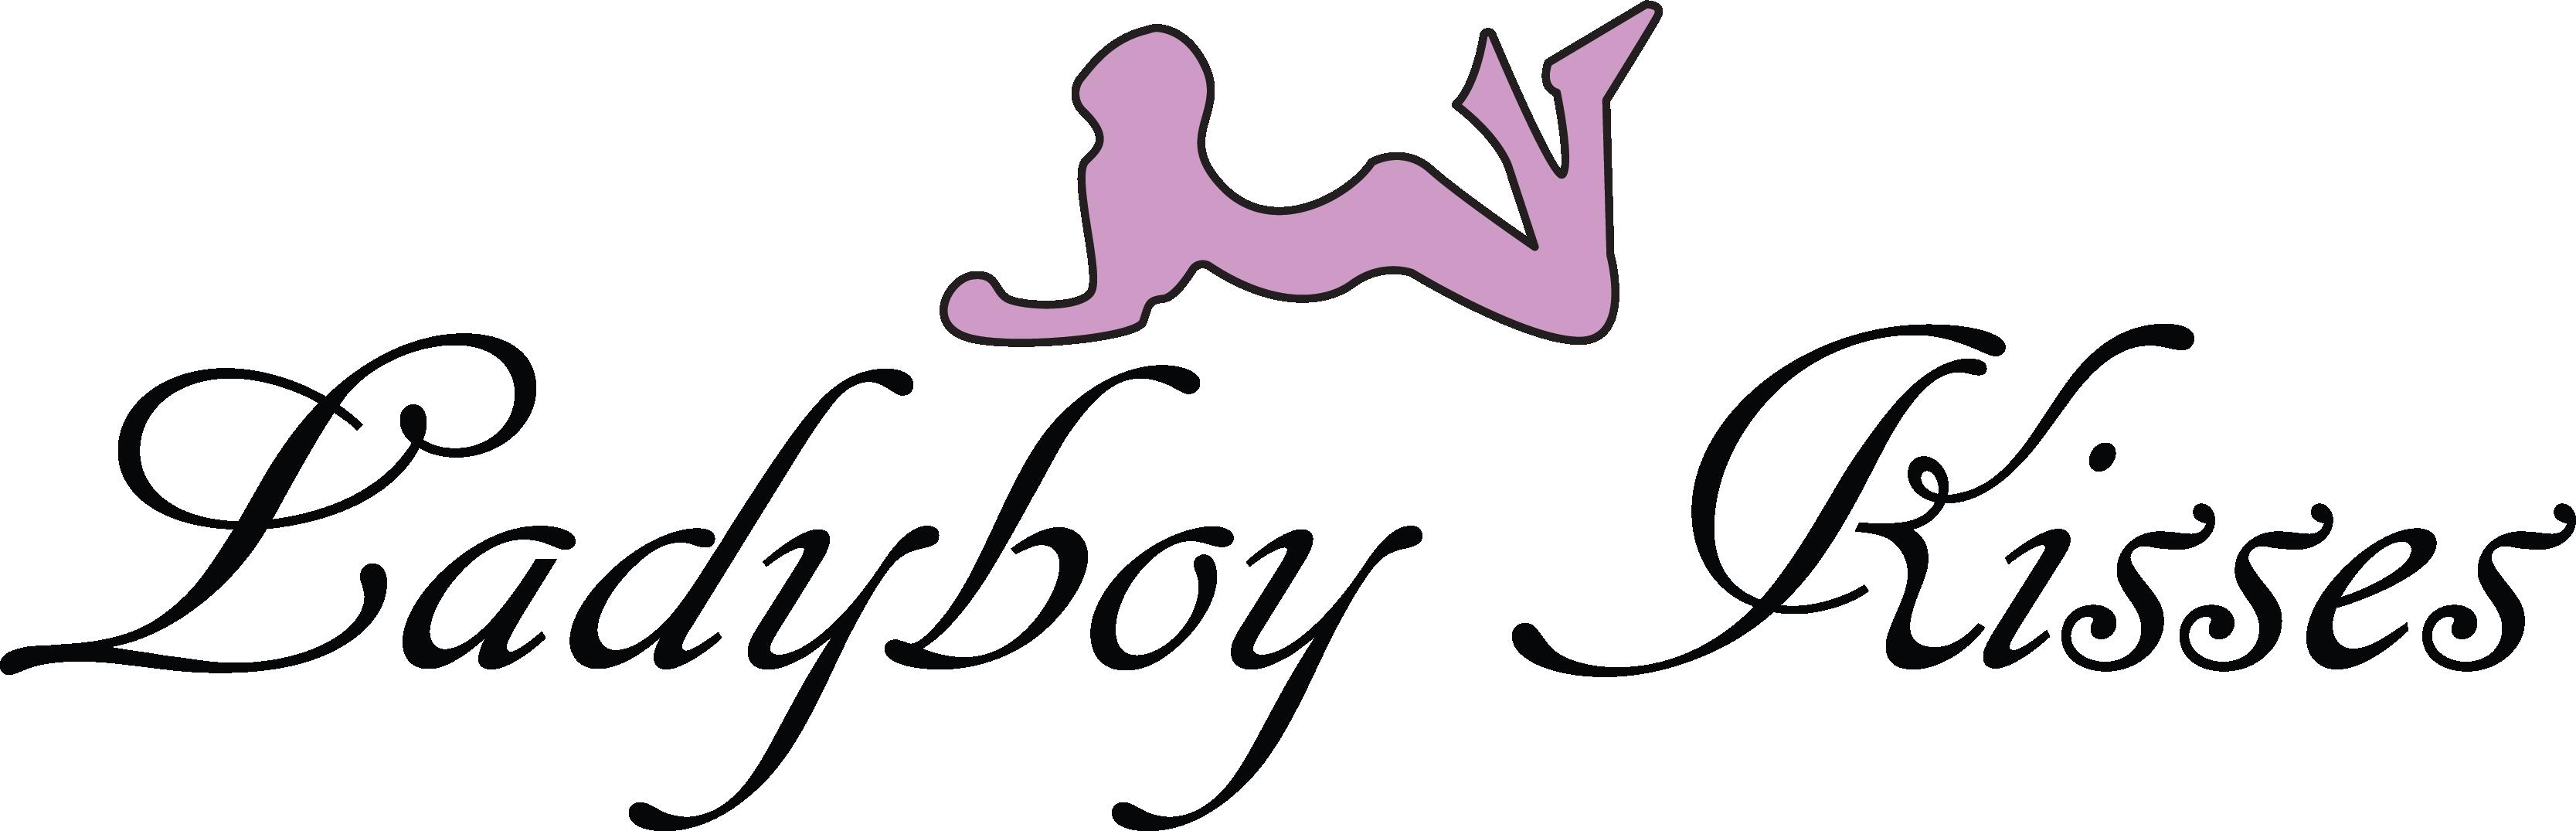 Ladyboykisses